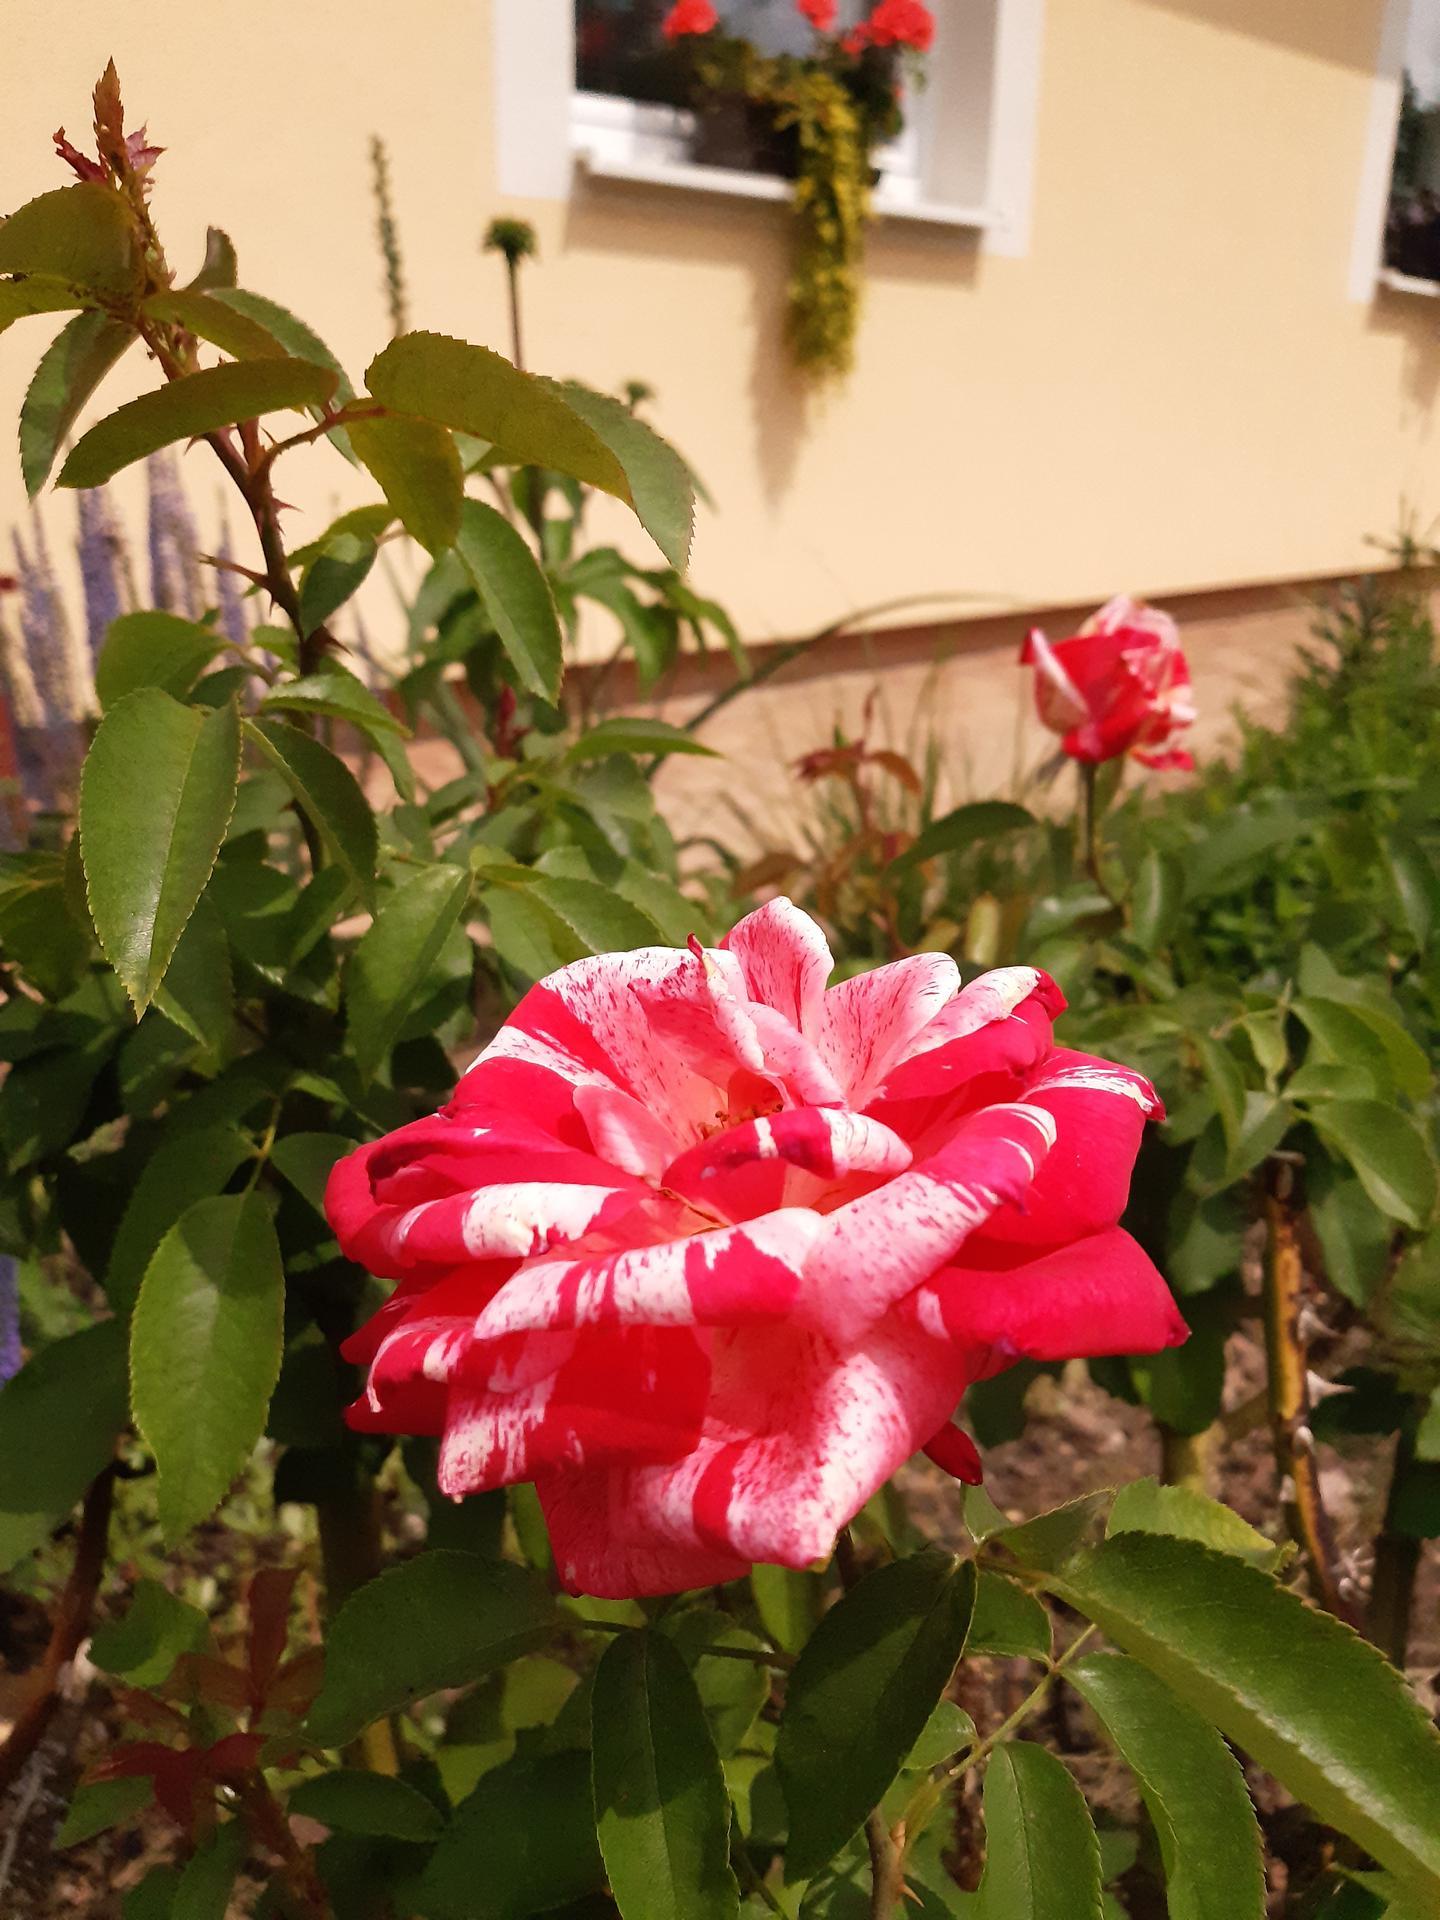 Zahrada 2021 - moje nejoblíběnější růže. Na jaře jsem jí přesadila a dlouho to vypadalo, že se jí to nelíbí